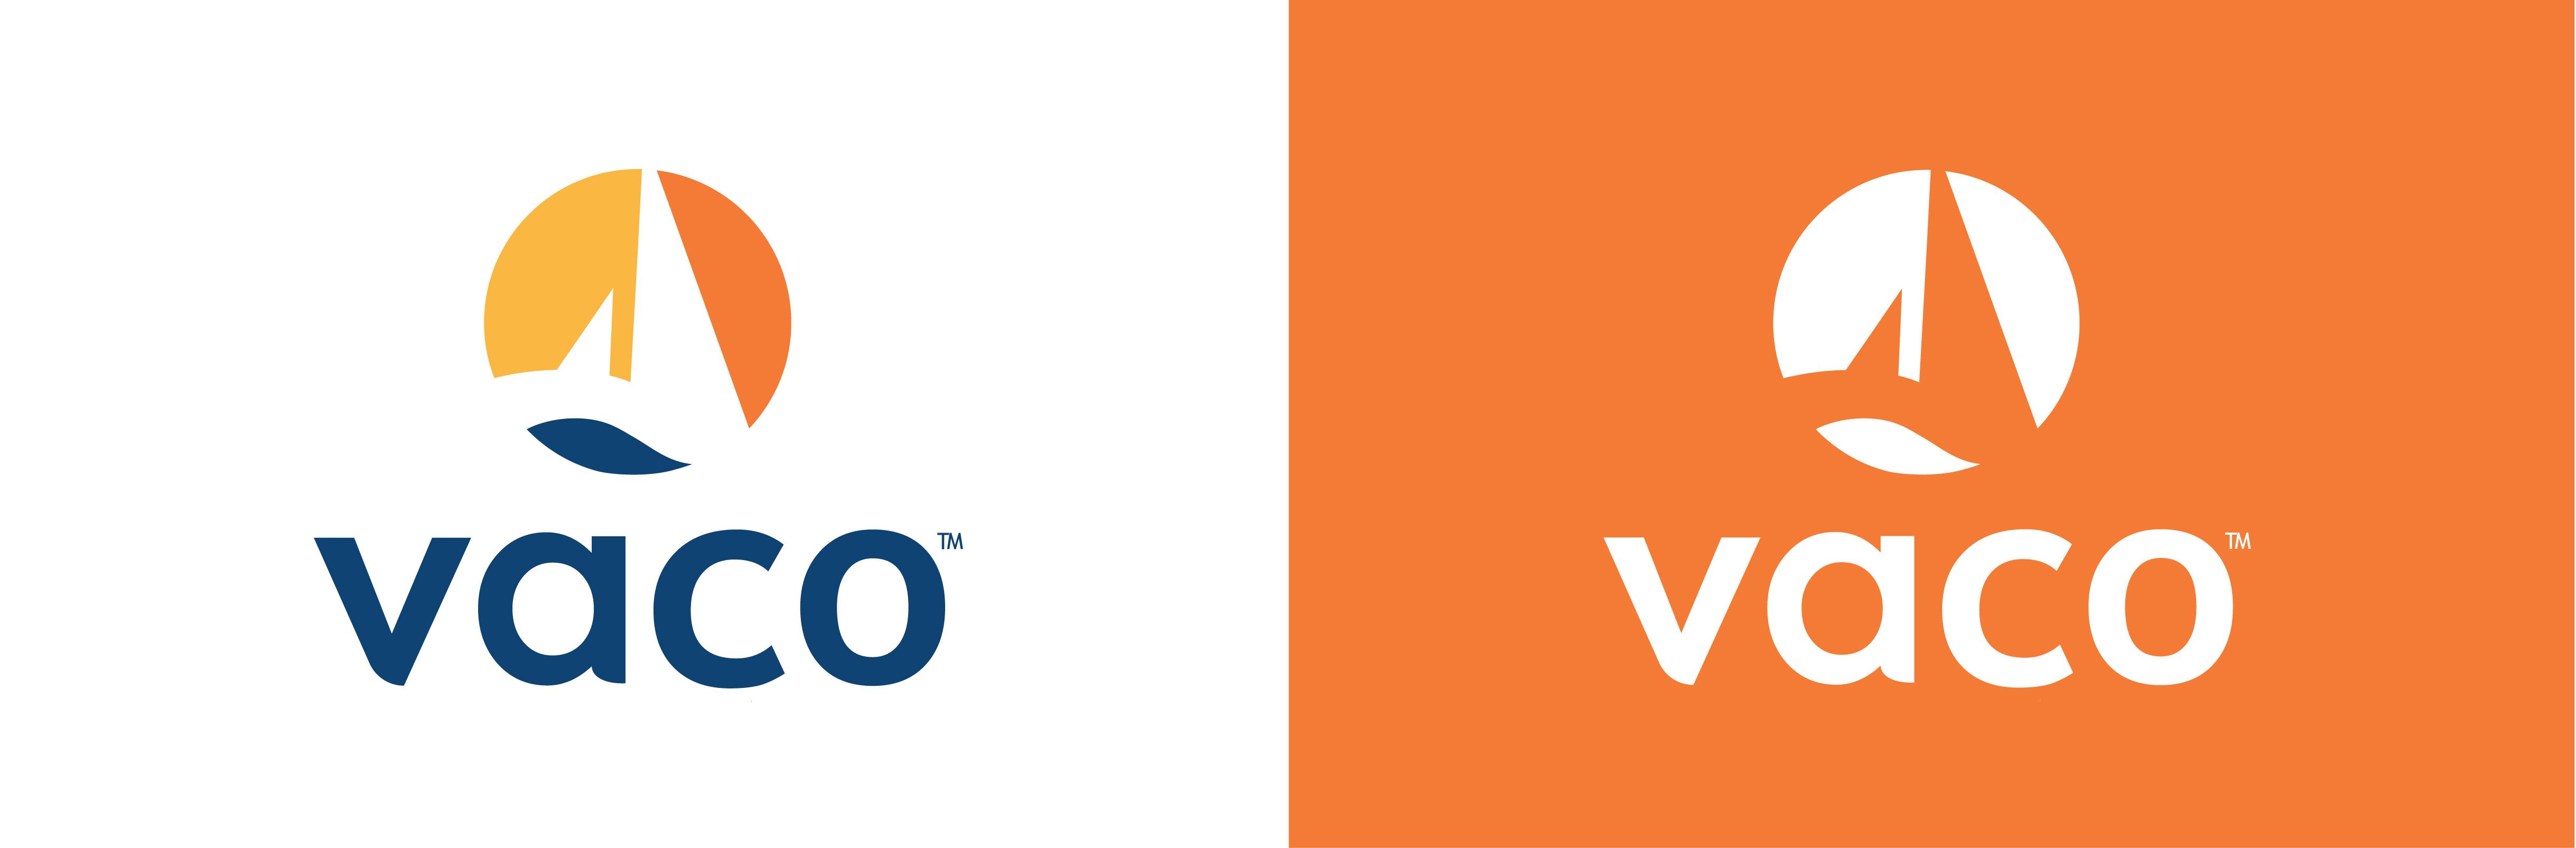 Vaco_1-17